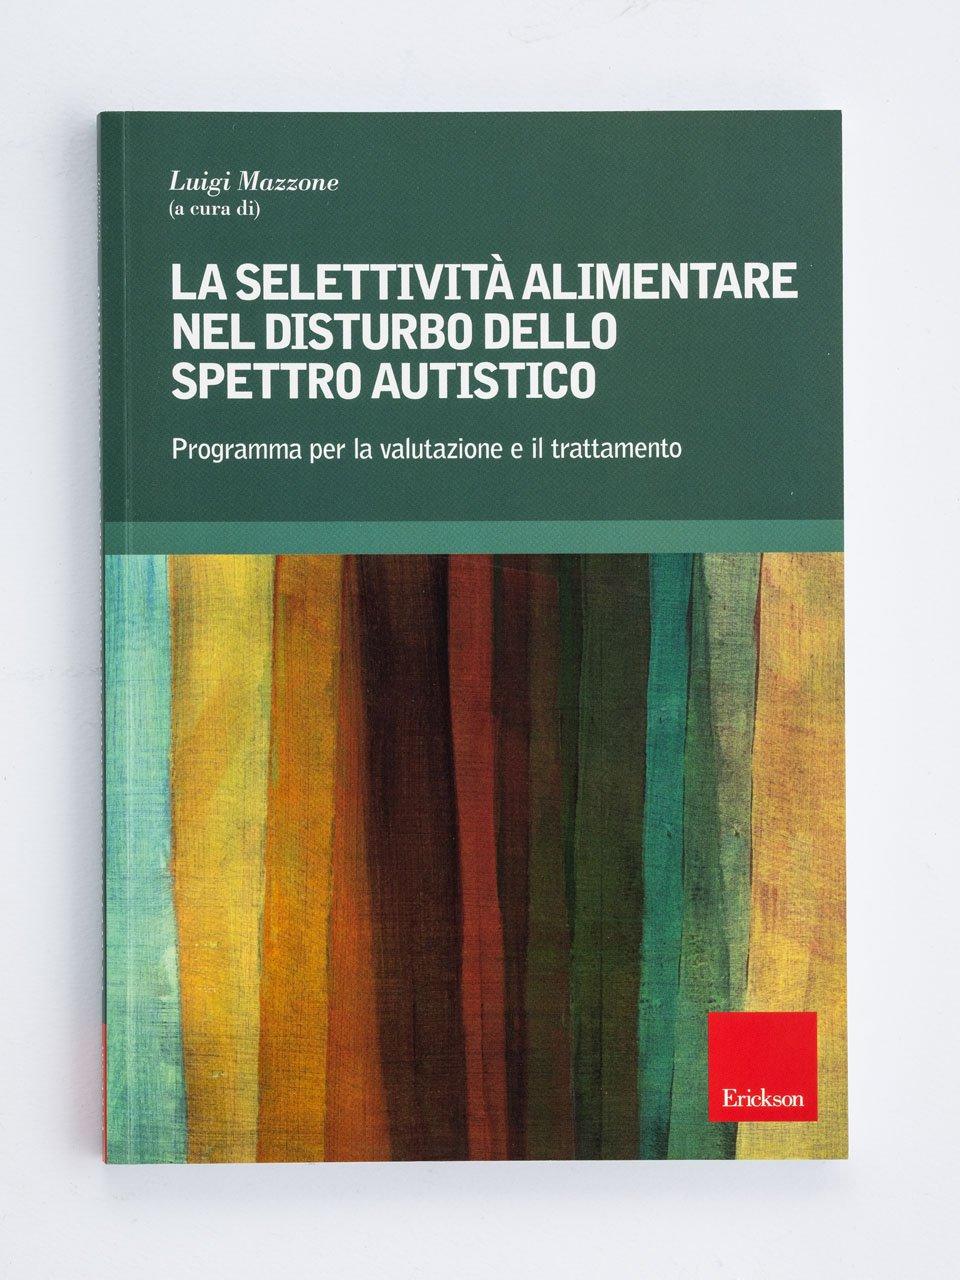 La selettività alimentare nel disturbo dello spettro autistico - Un mondo possibile - Libri - Erickson